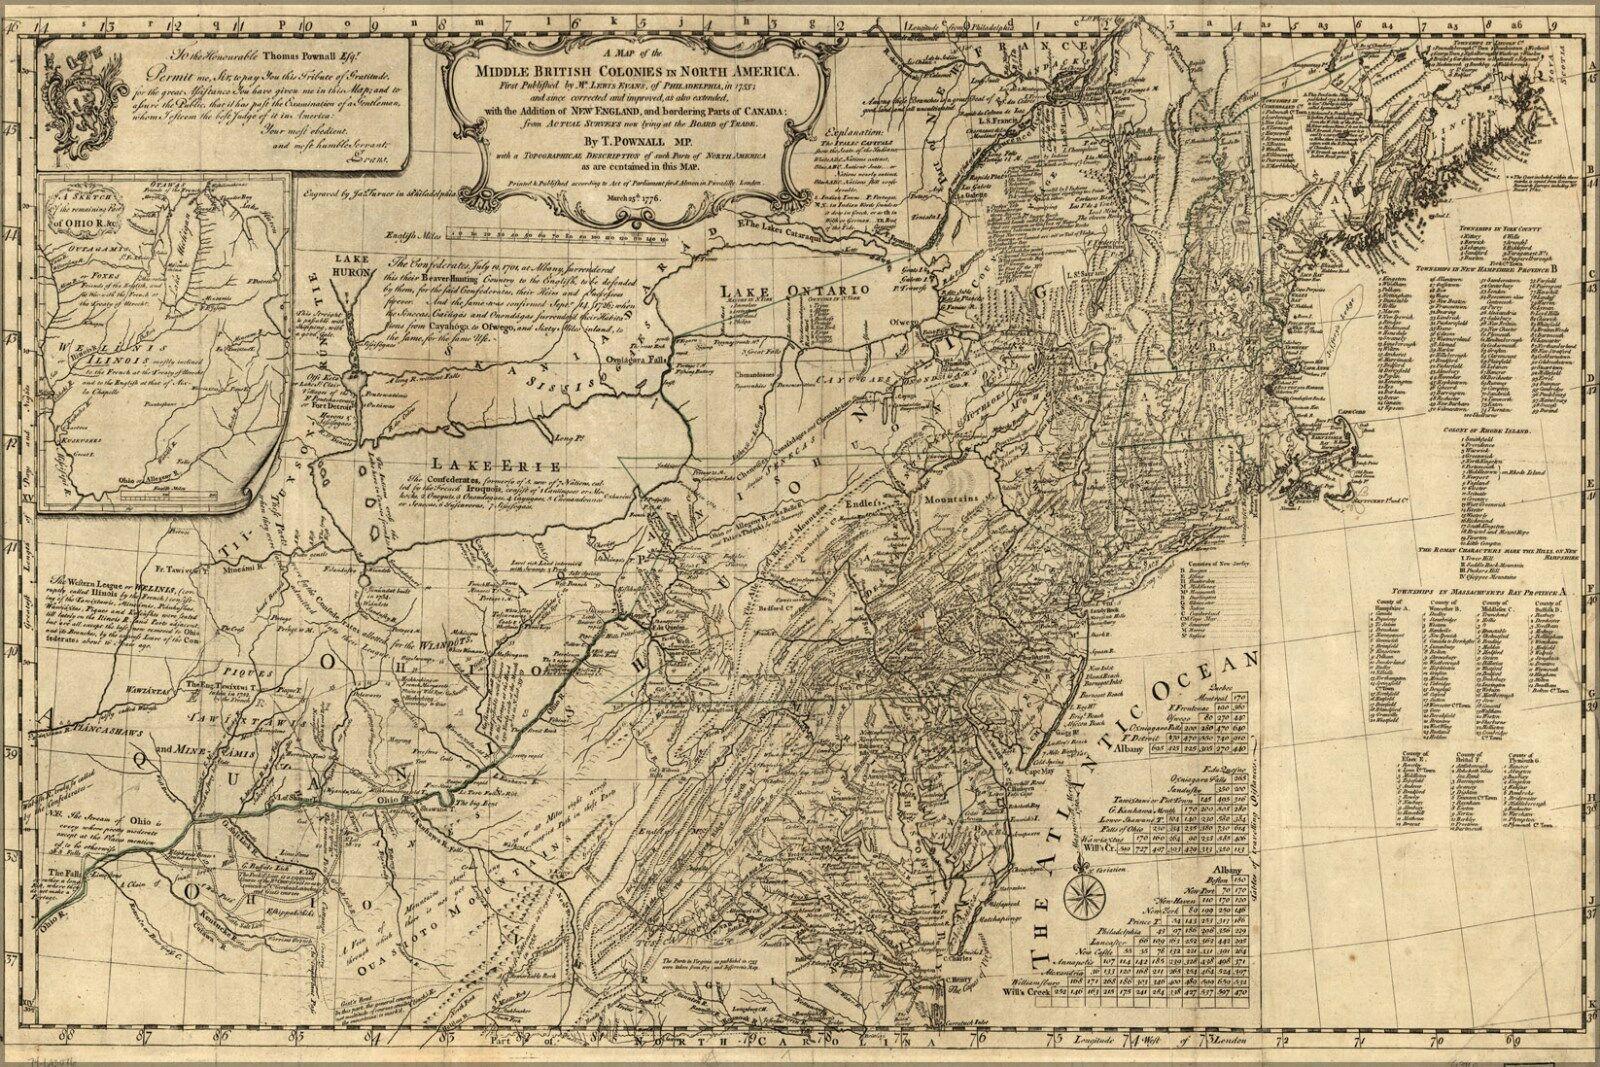 Plakat, Viele Größen; Karte von Britisch Colonies vor Vereinigte Staaten